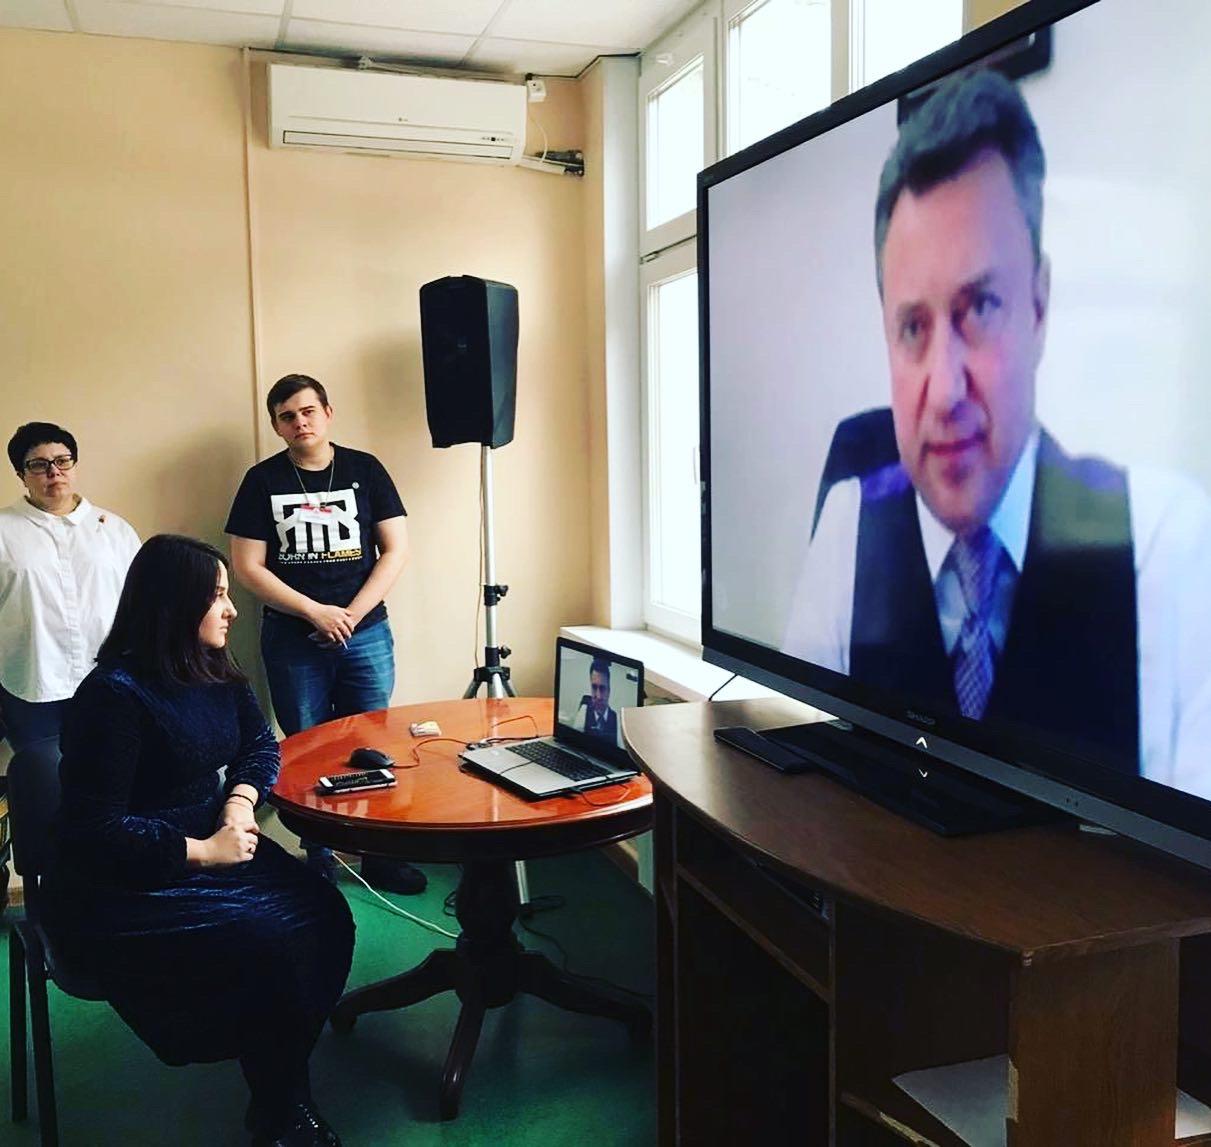 Анатолий Выборный: «Самые лучшие законы – это те, которые рождаются в диалоге с жителями»